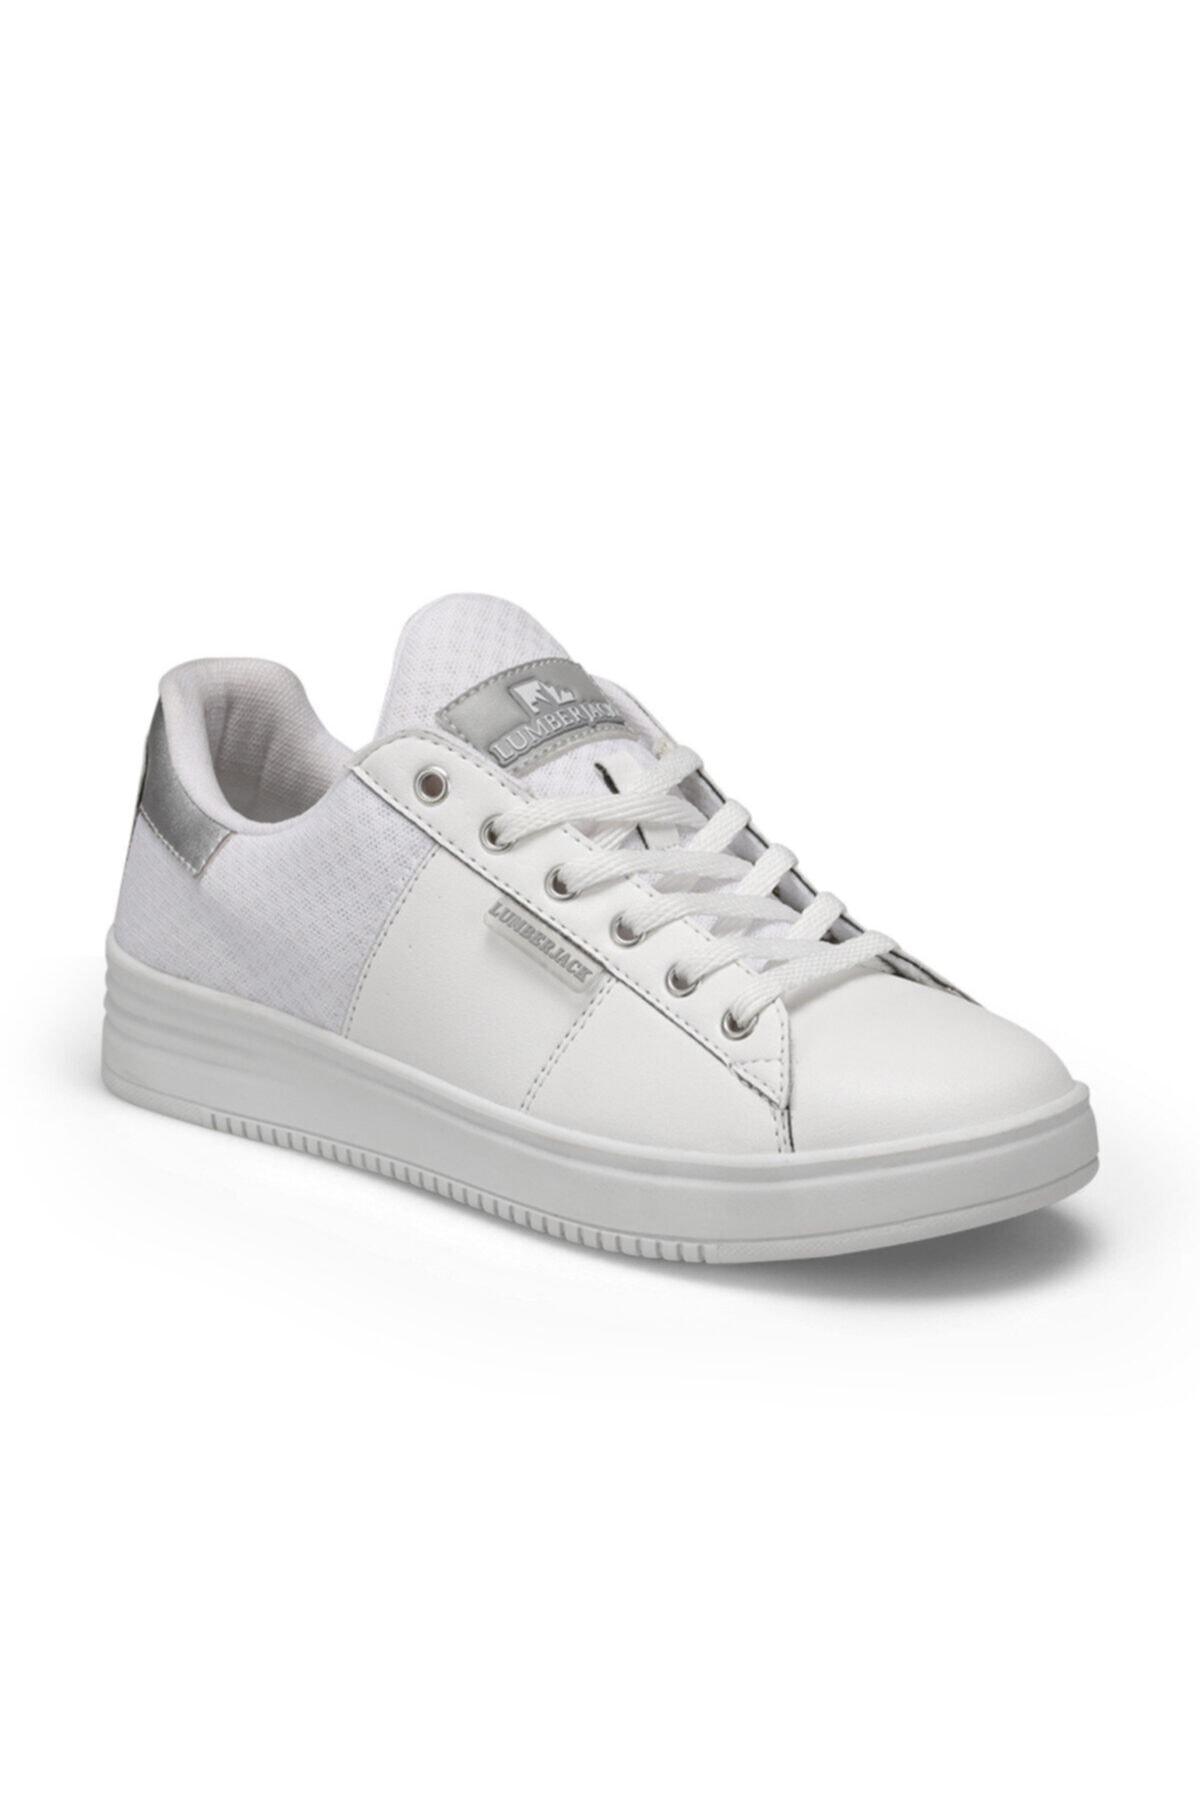 lumberjack Arya Beyaz Kadın Sneaker Ayakkabı 1